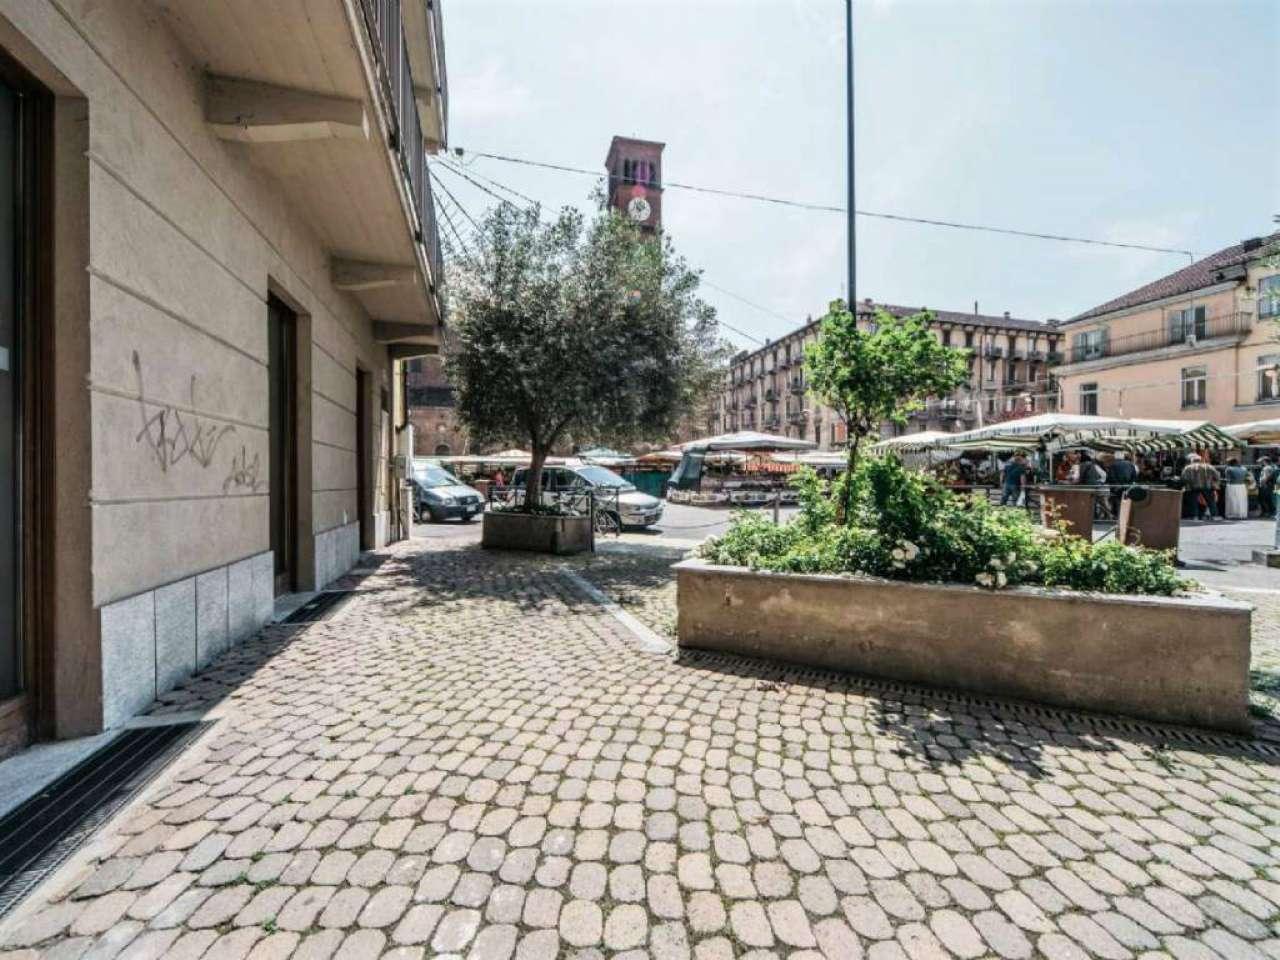 Negozio in vendita Zona Crocetta, San Secondo - largo CASSINI Torino